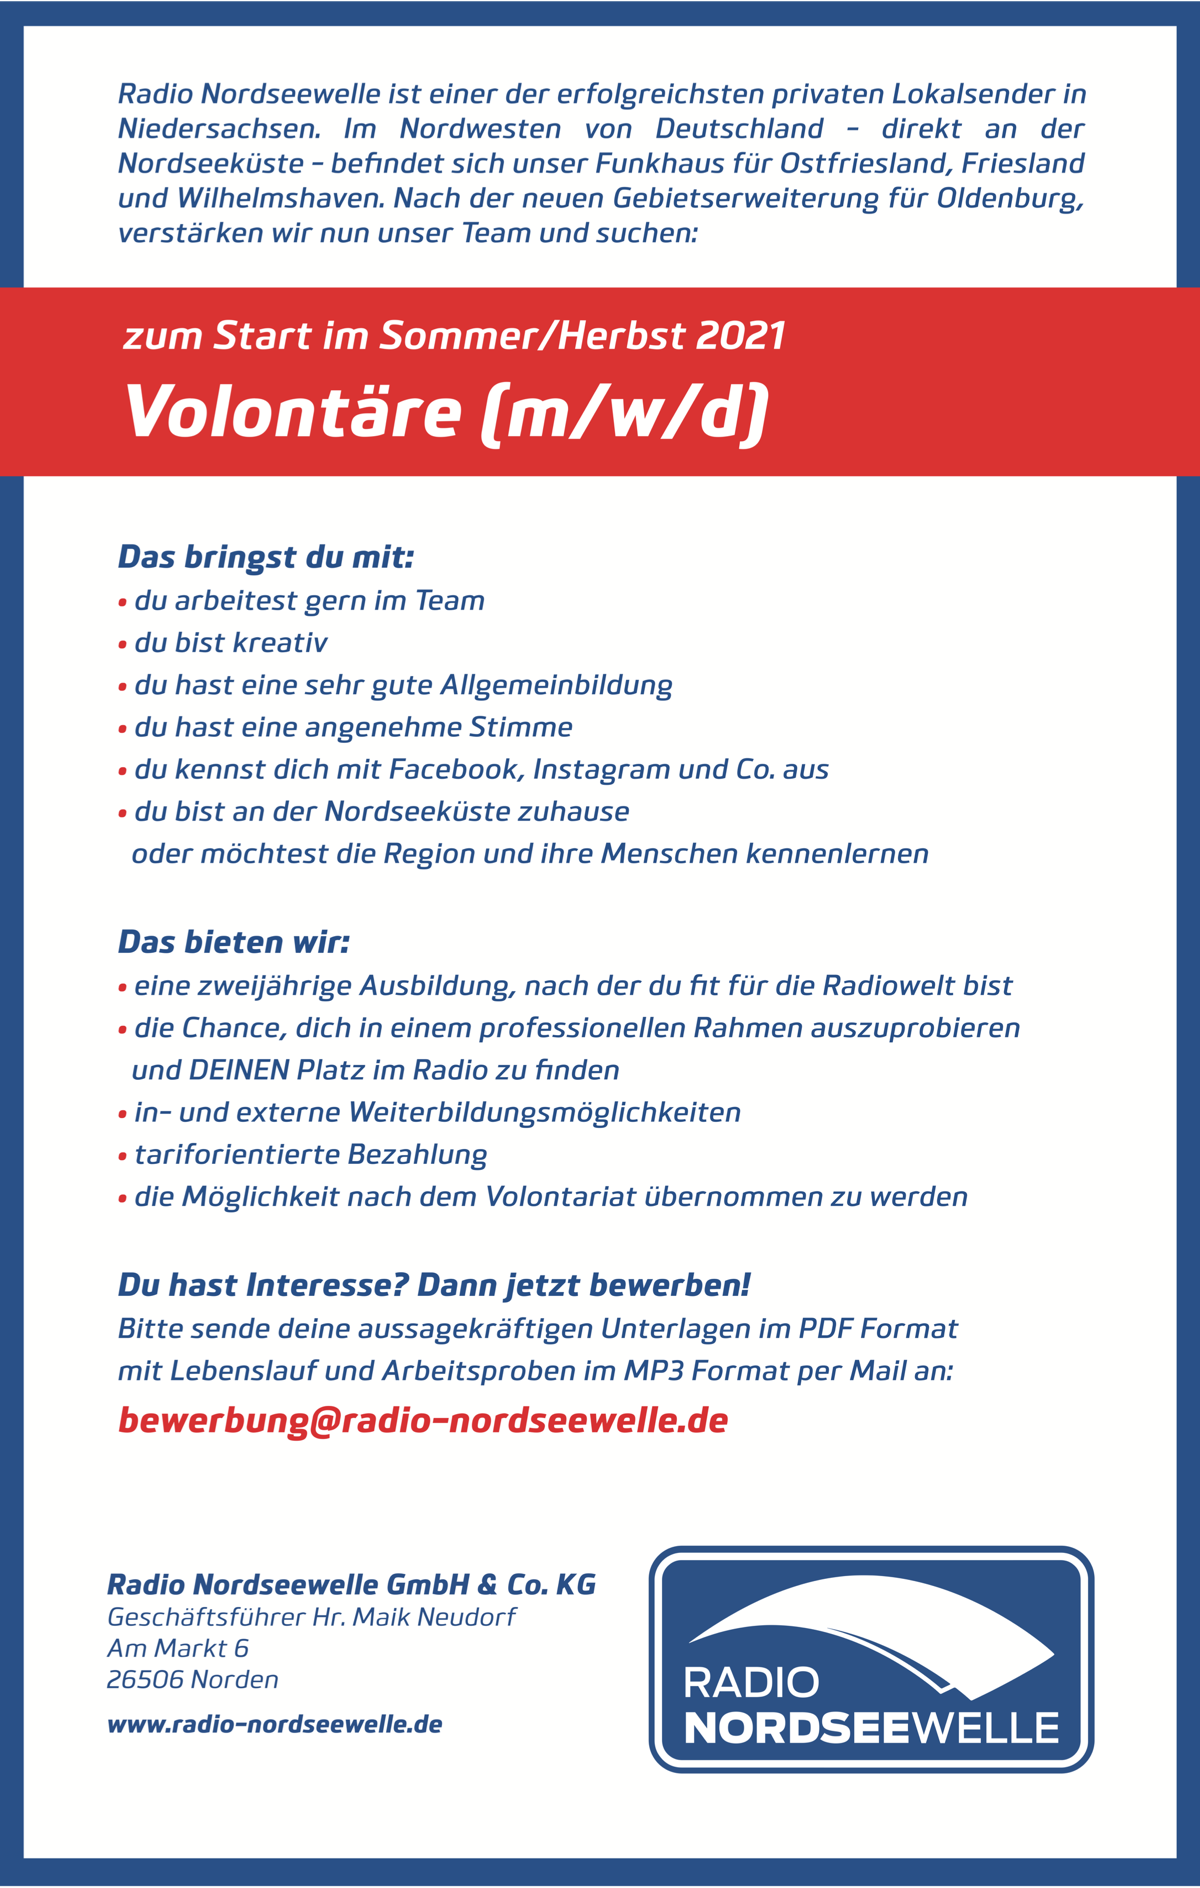 Radio Nordseewelle sucht Volontäre (m/w/d)